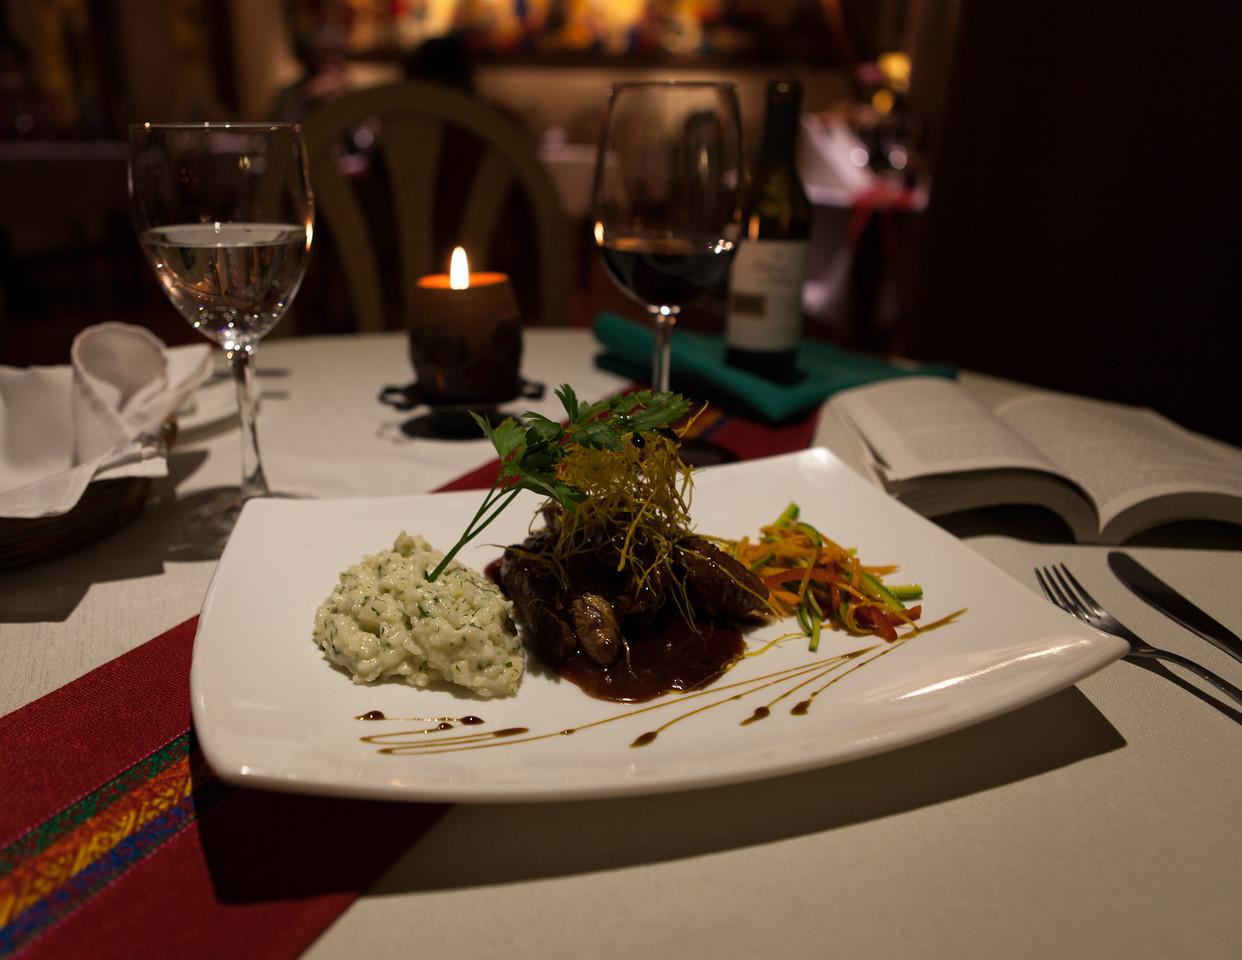 Filete de Llama en Salsa de Moras Silvestres, Risotto de Hierves, y Vegetales (Llama Steak in Wild Berries, Herb Risotto, Vegetables Sauteed in White Wine), Hotel Rosario, La Paz, Bolivia